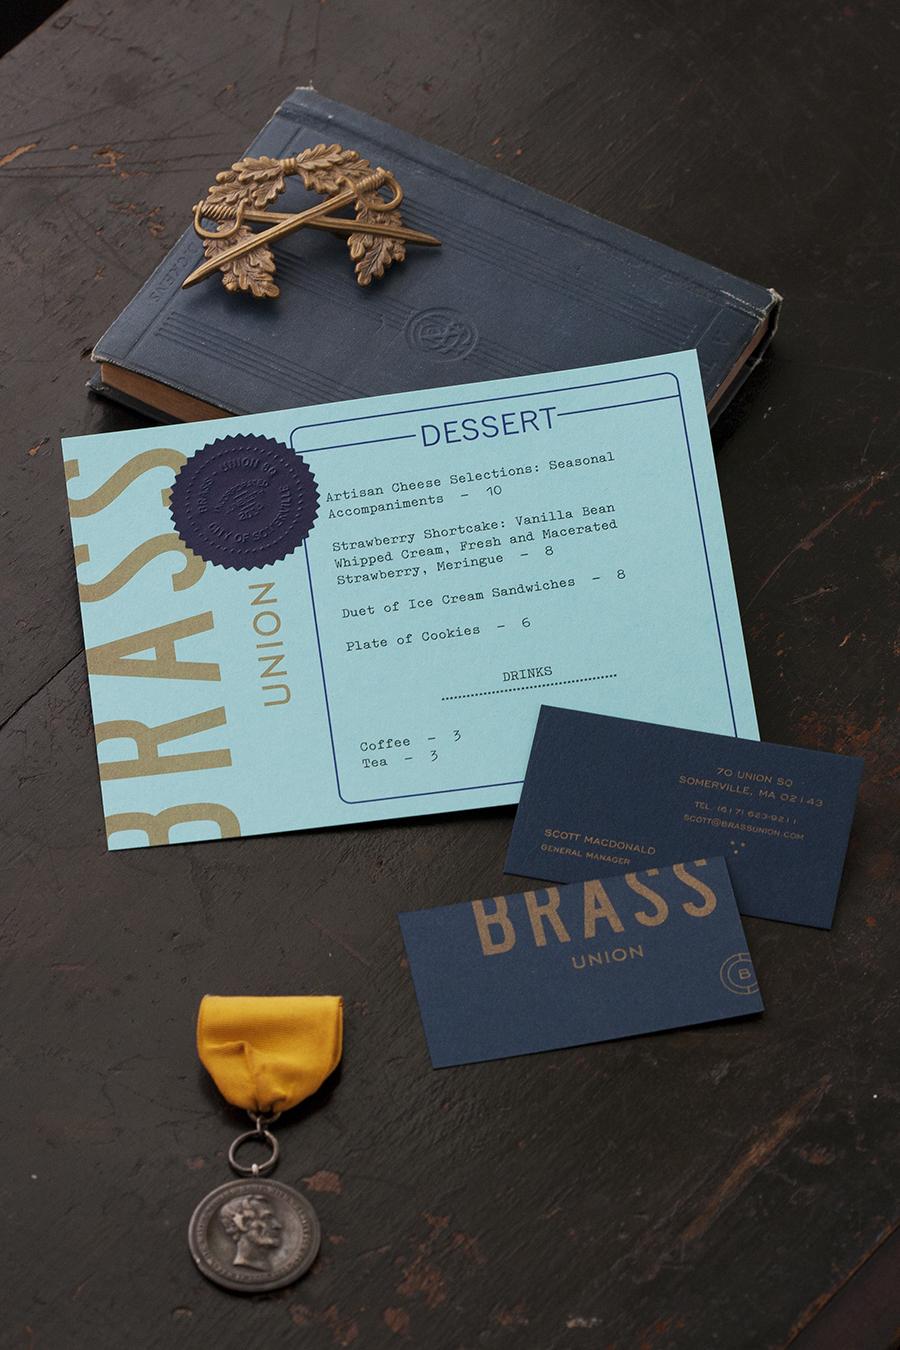 Brass Union餐厅vi设计,品牌设计